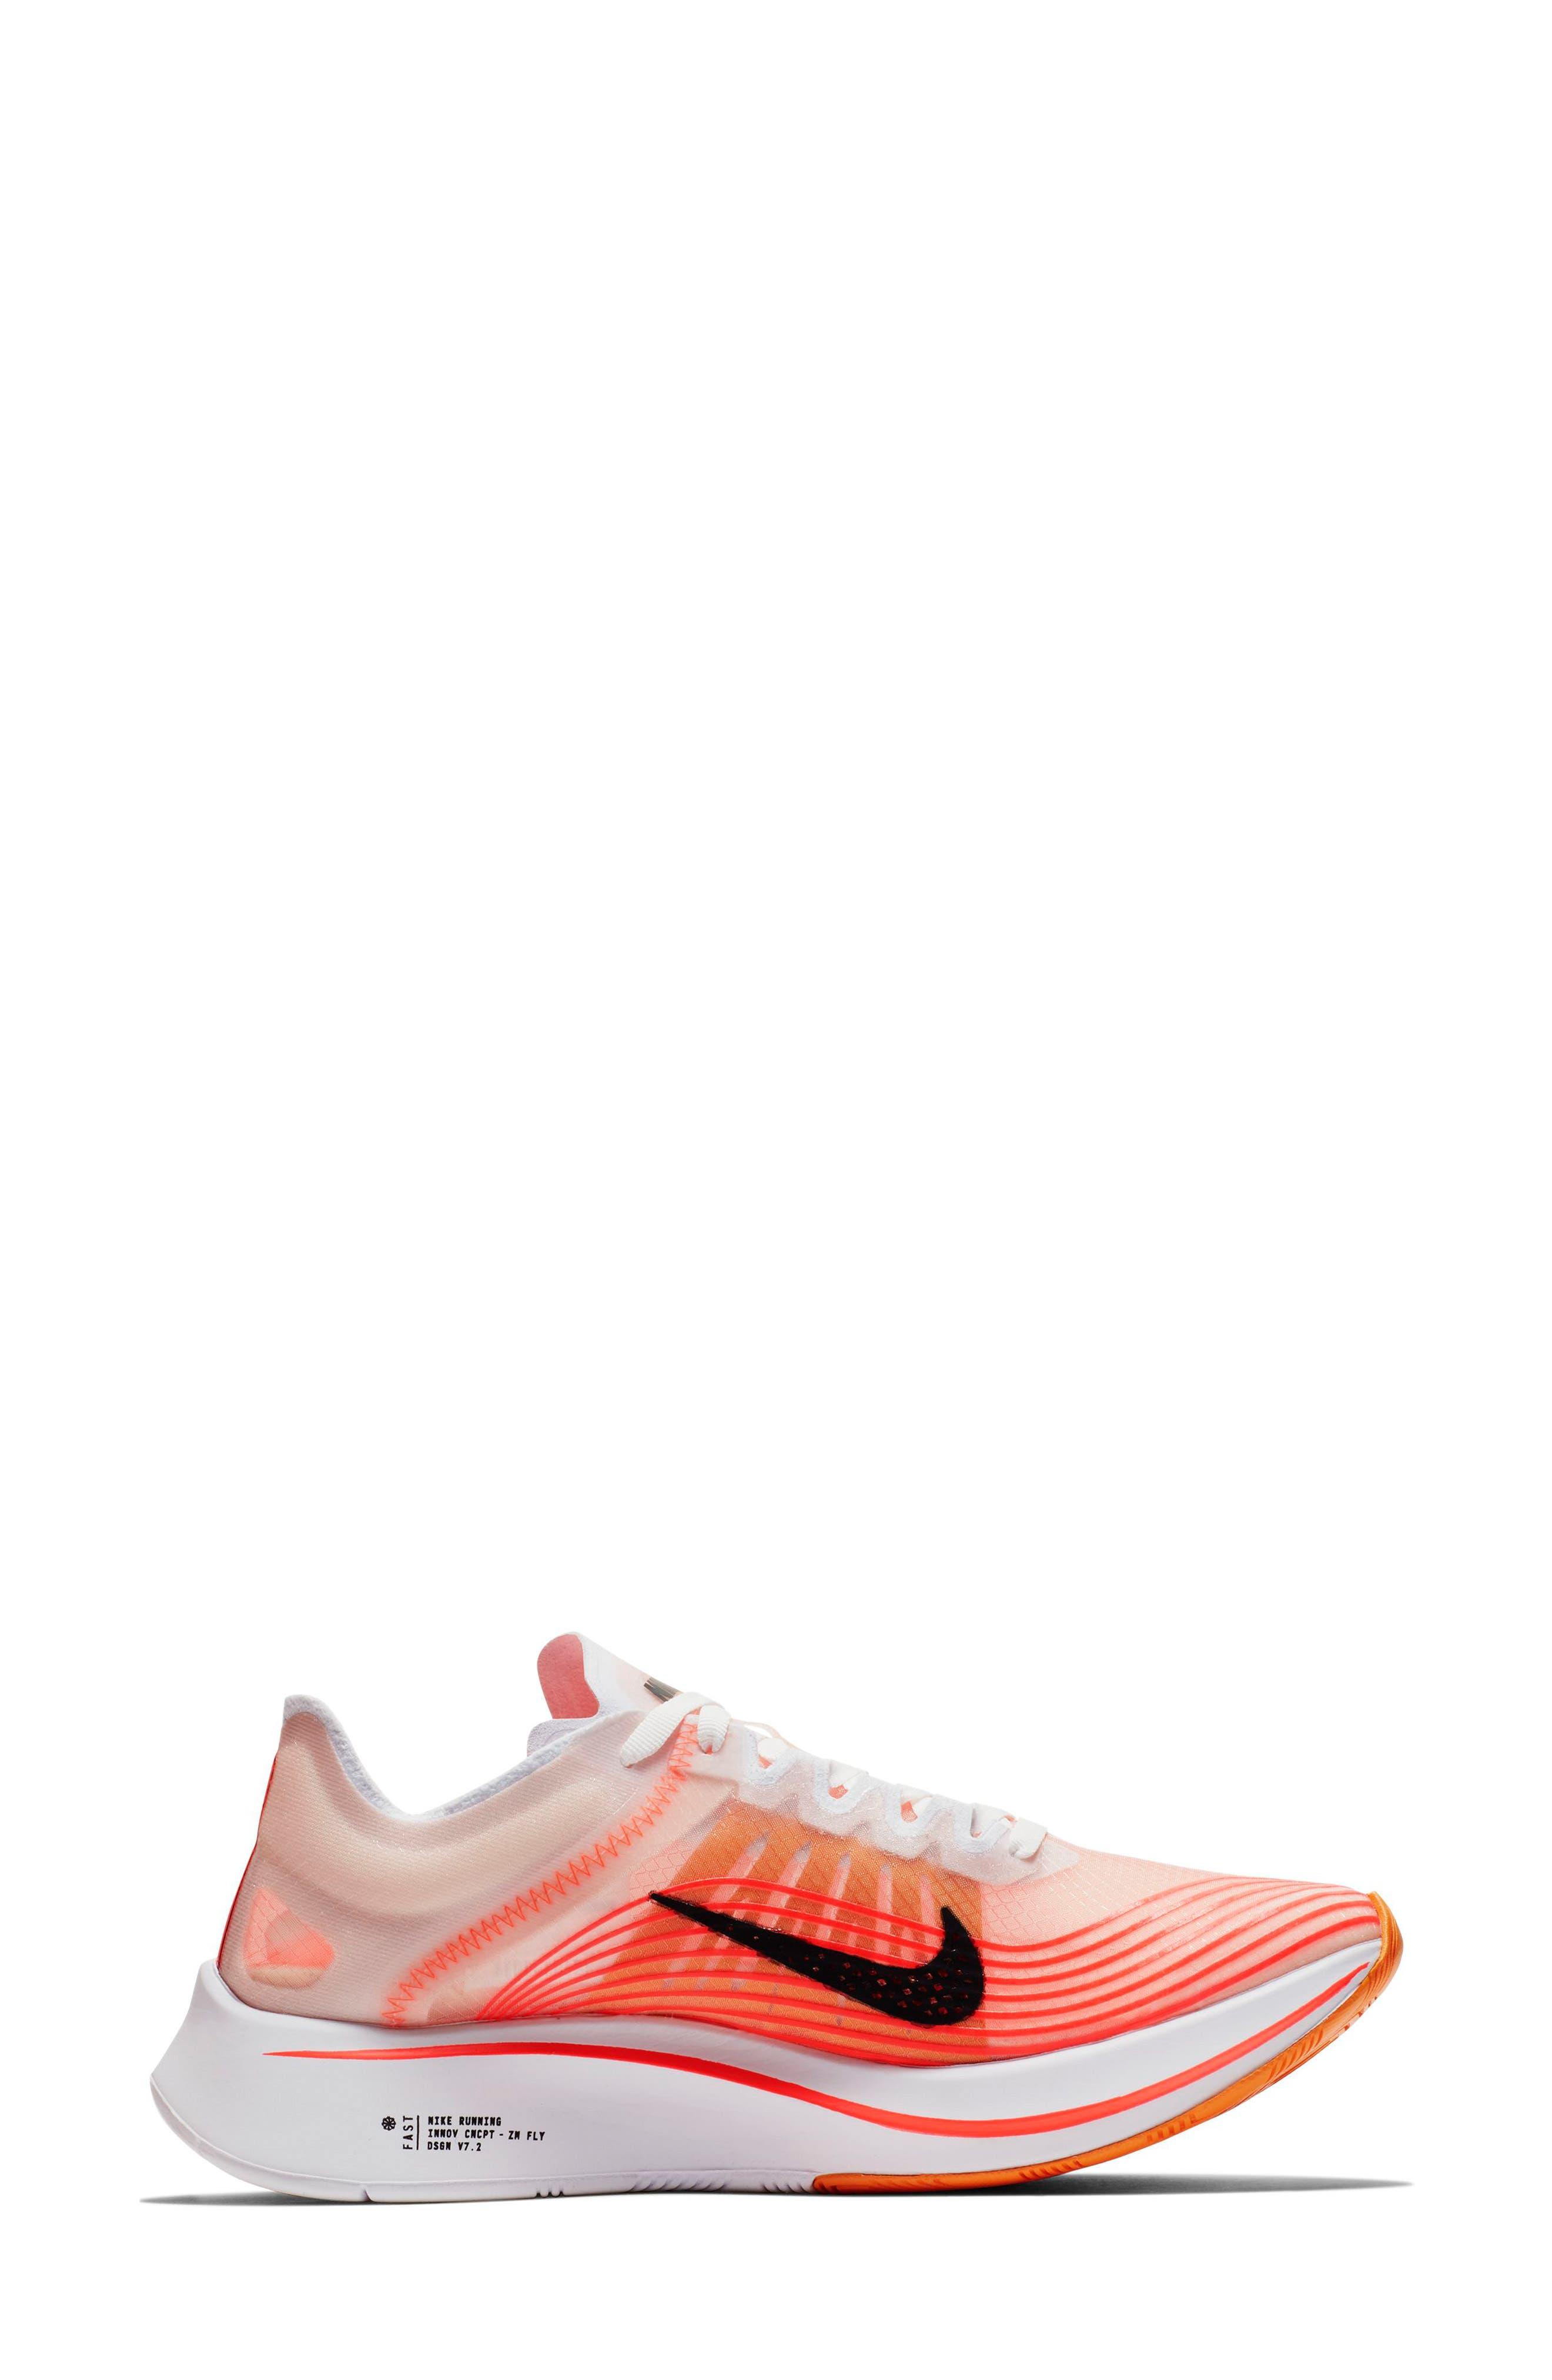 Zoom Fly SP Running Shoe,                             Alternate thumbnail 6, color,                             VARSITY RED/ BLACK/ WHITE